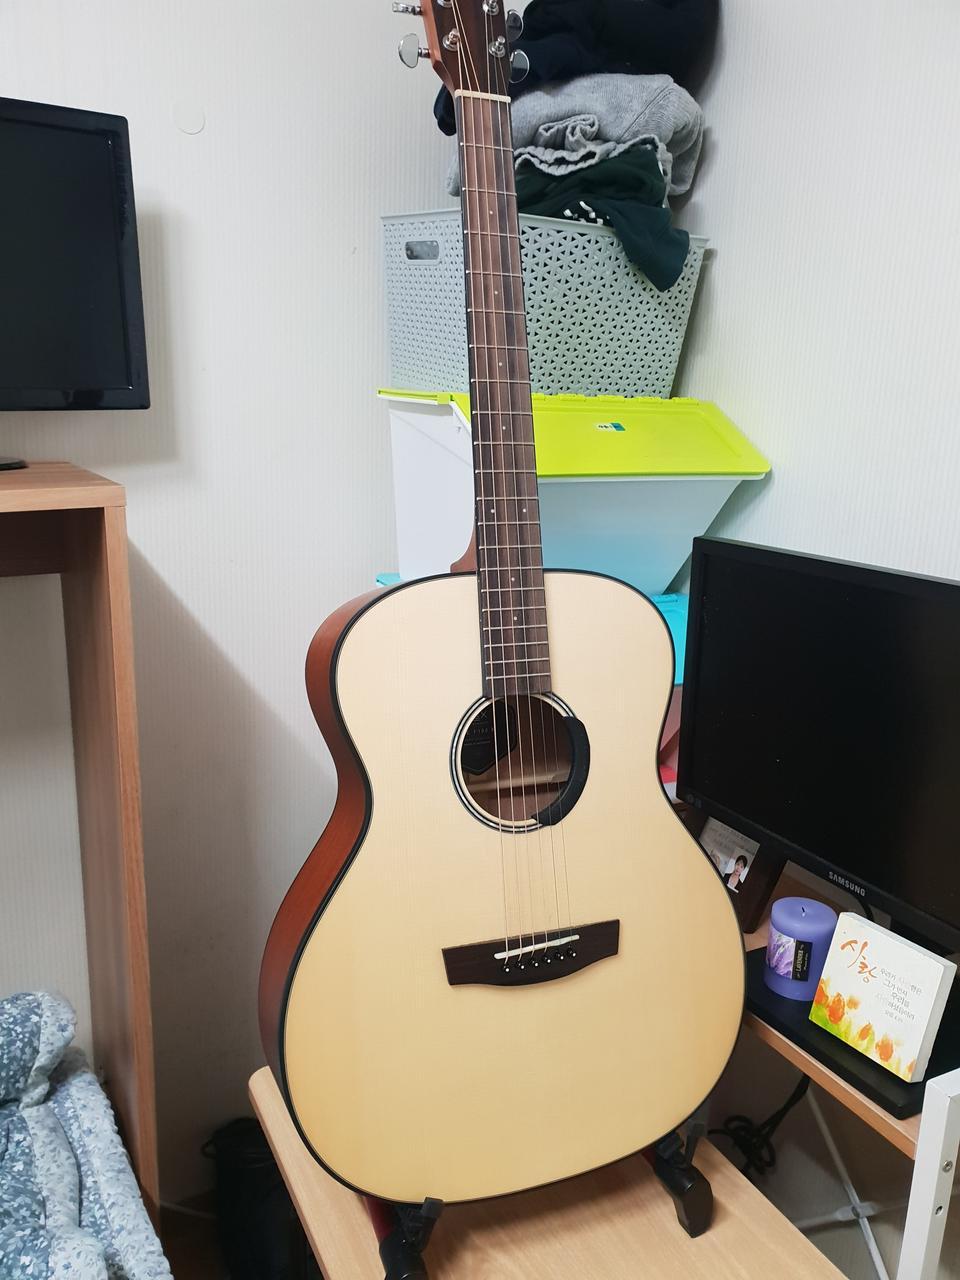 599984b9860 로그기타 HEX F100M 기타판매 | 헬로마켓 - 100% 안전한 중고거래 장터